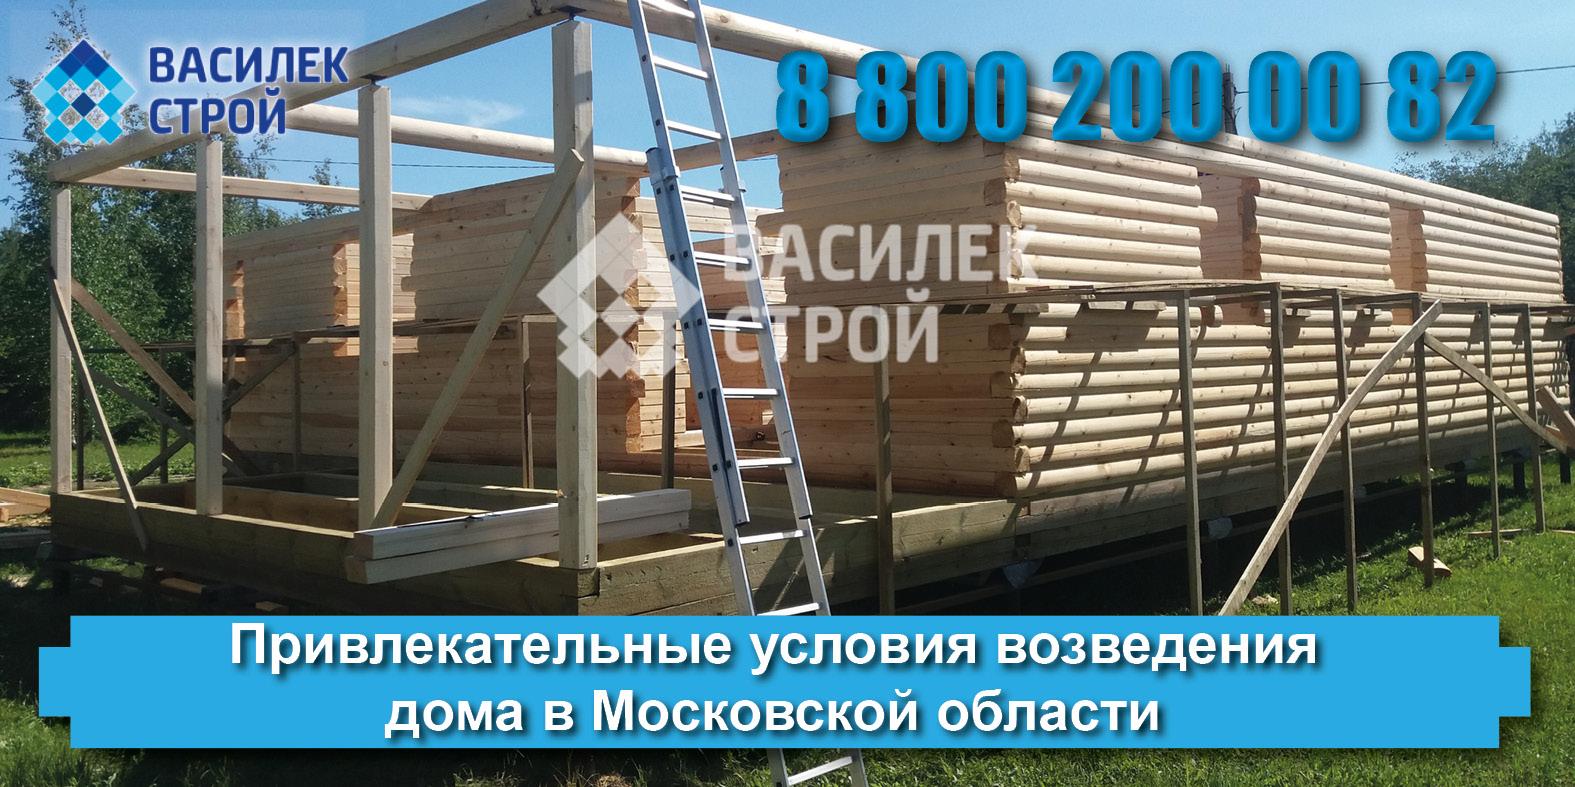 Что мы предлагаем заказчику при строительстве домов из бруса в Московской области